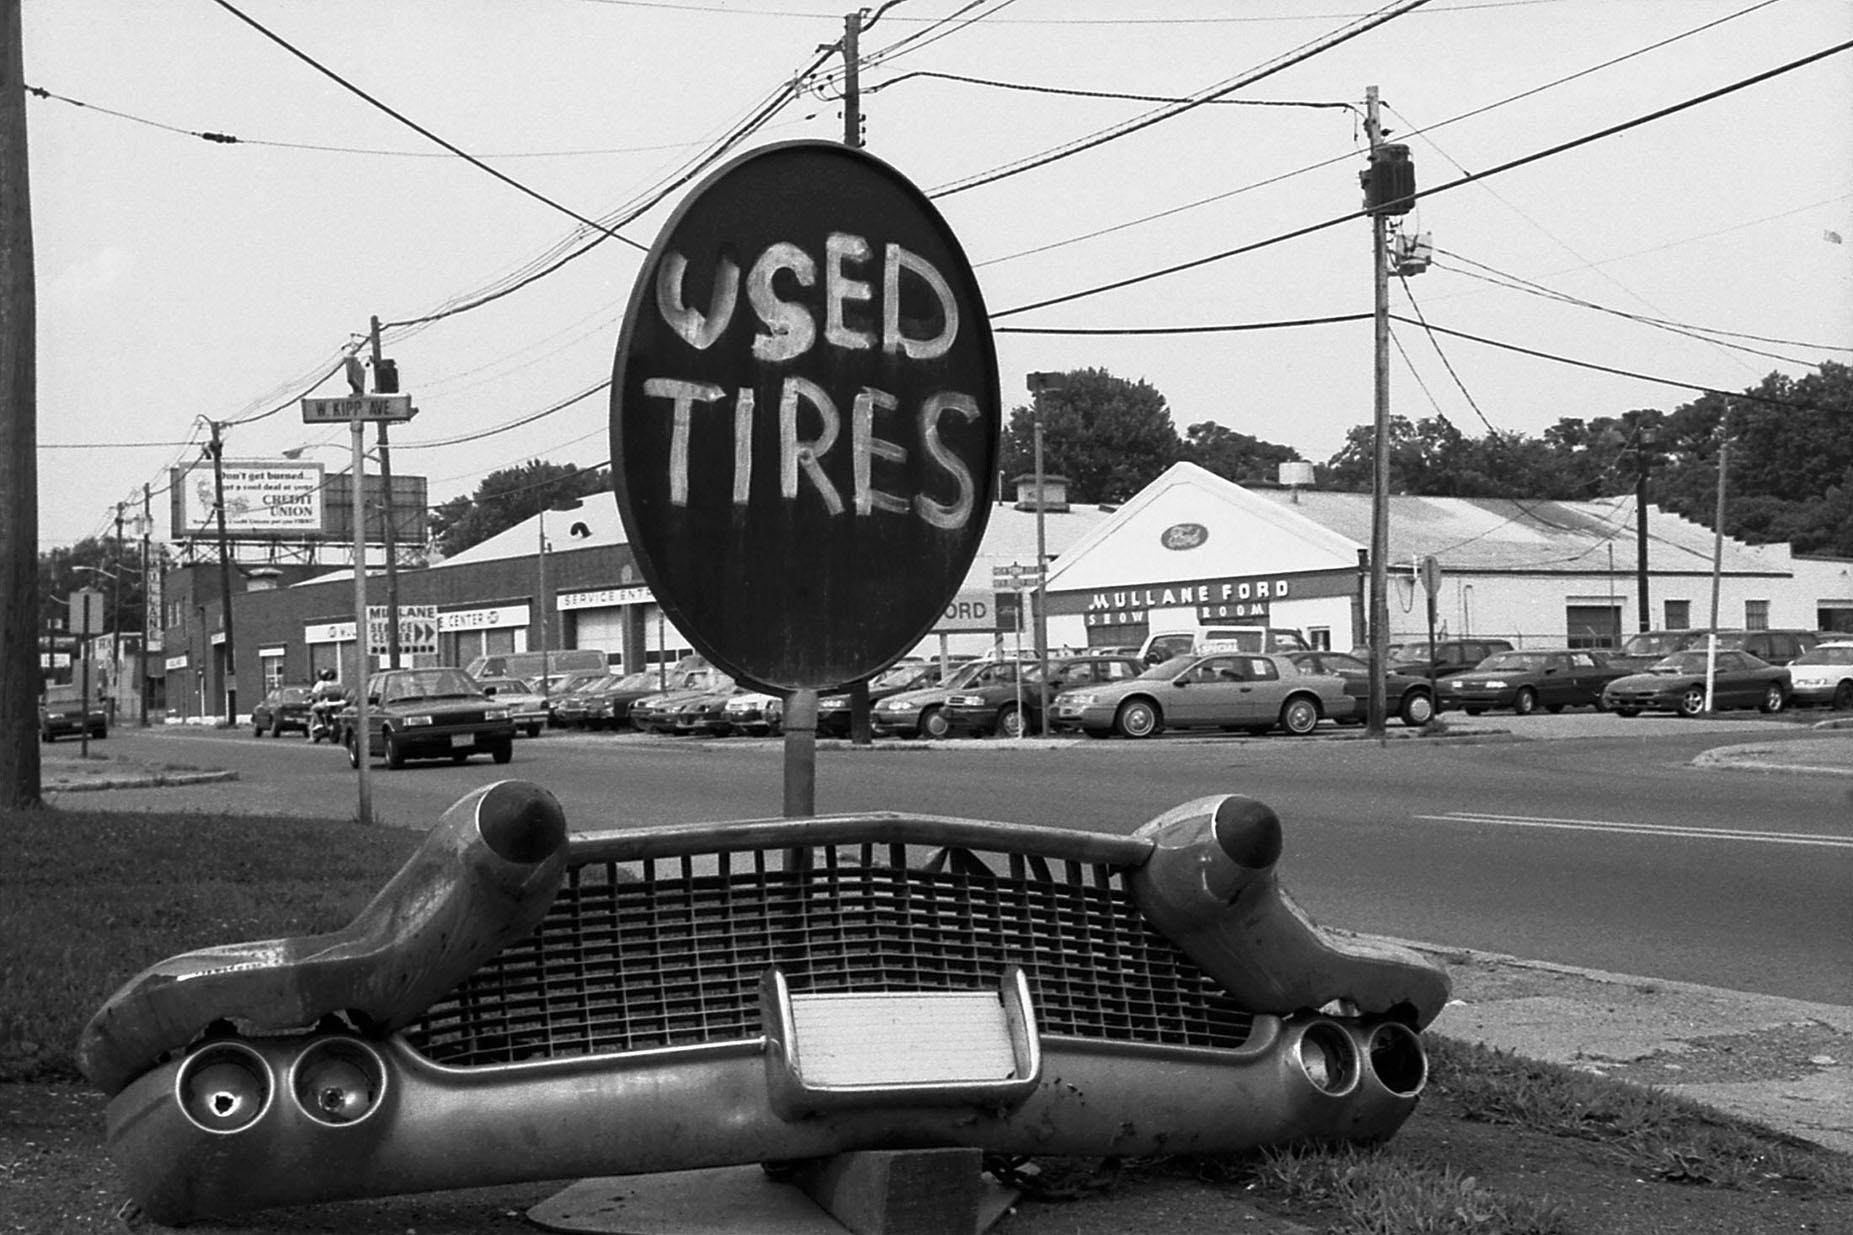 Used Tires, Dumont, NJ